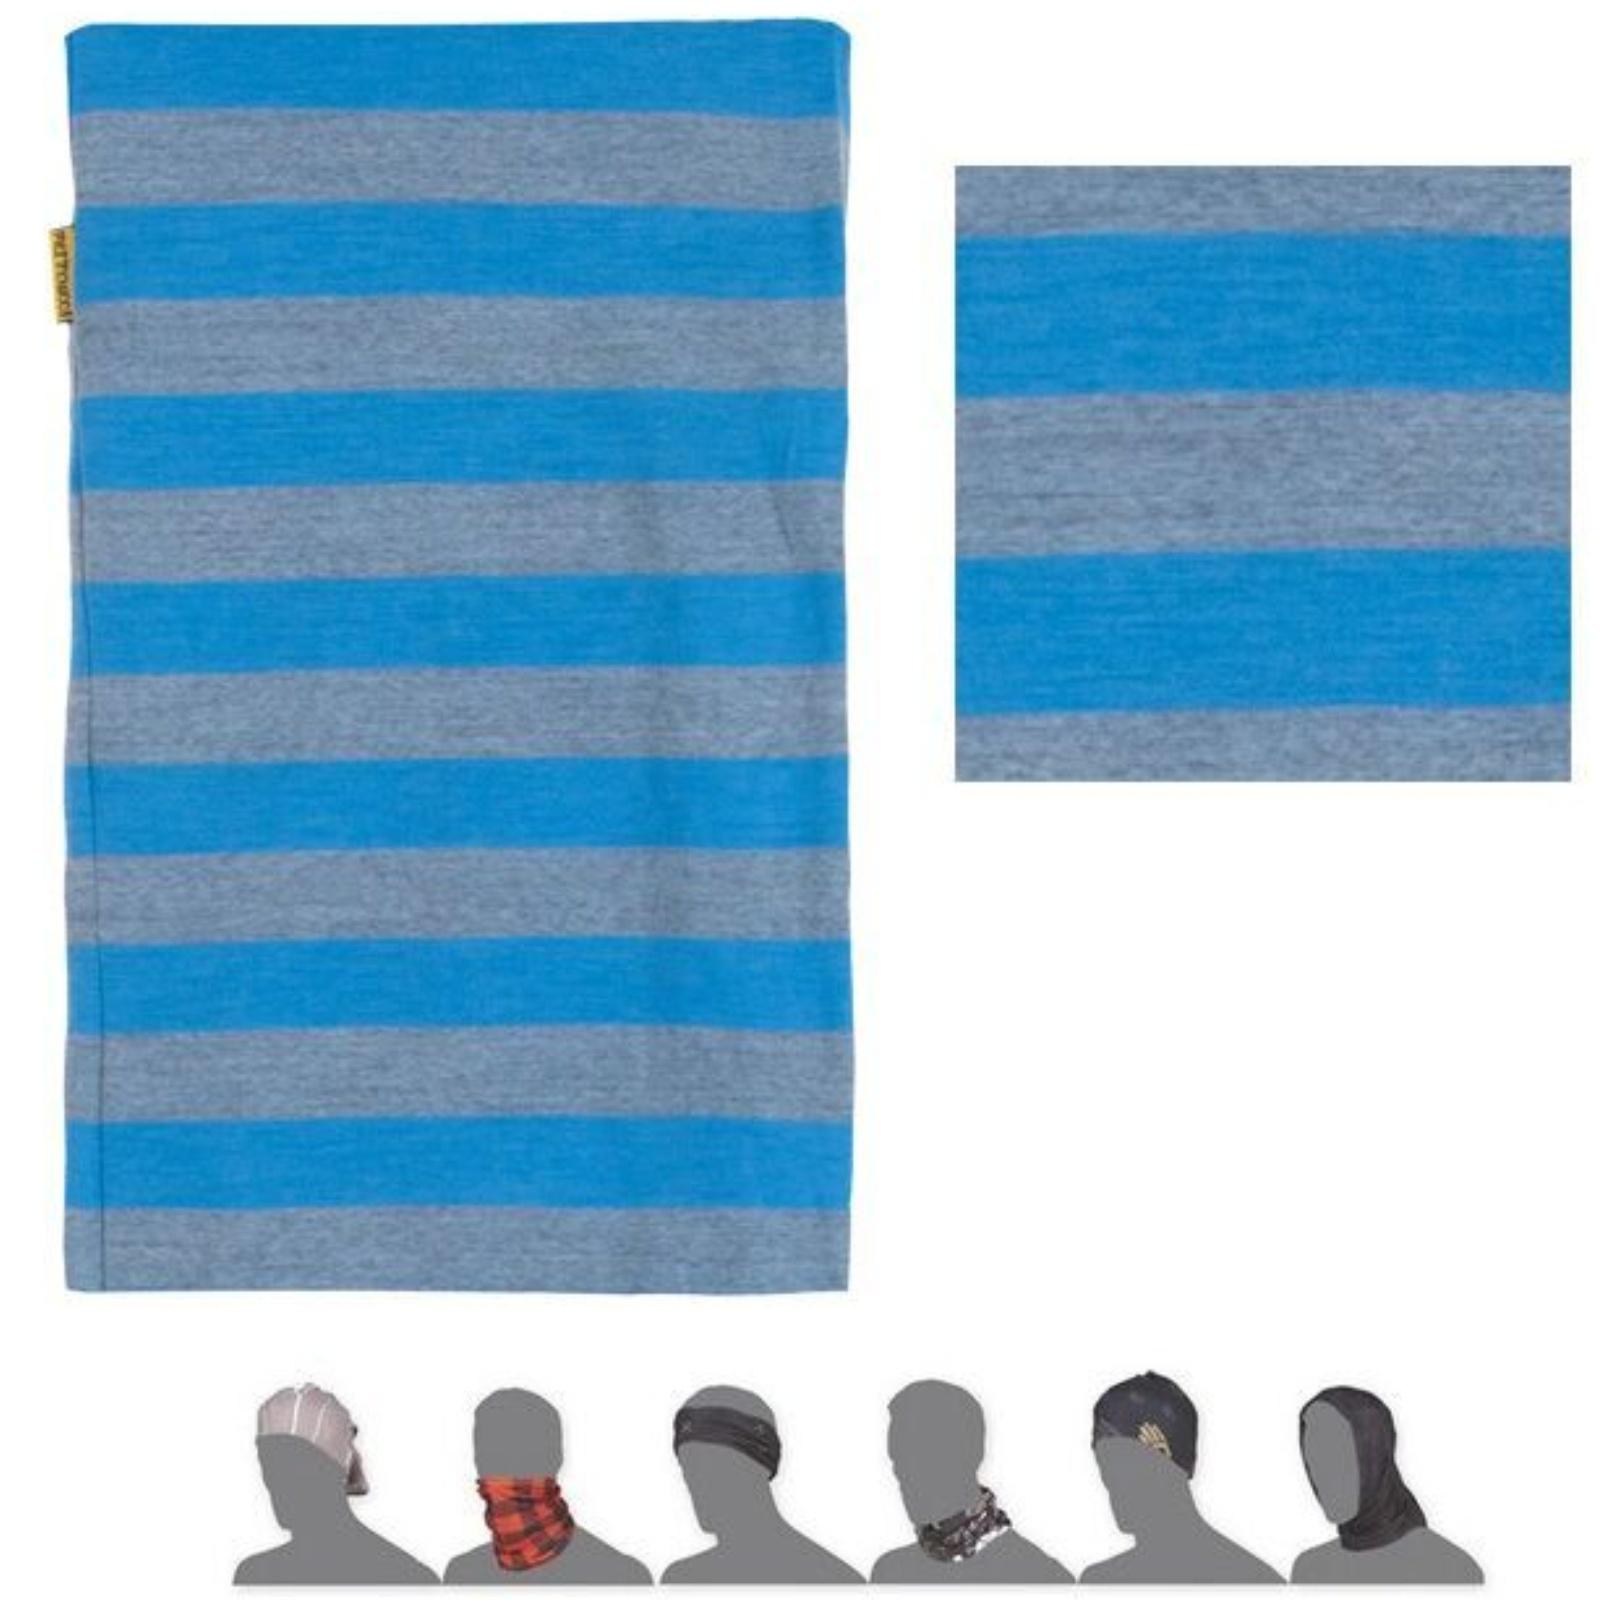 Šátek SENSOR Tube Merino wool modrý - pruhy